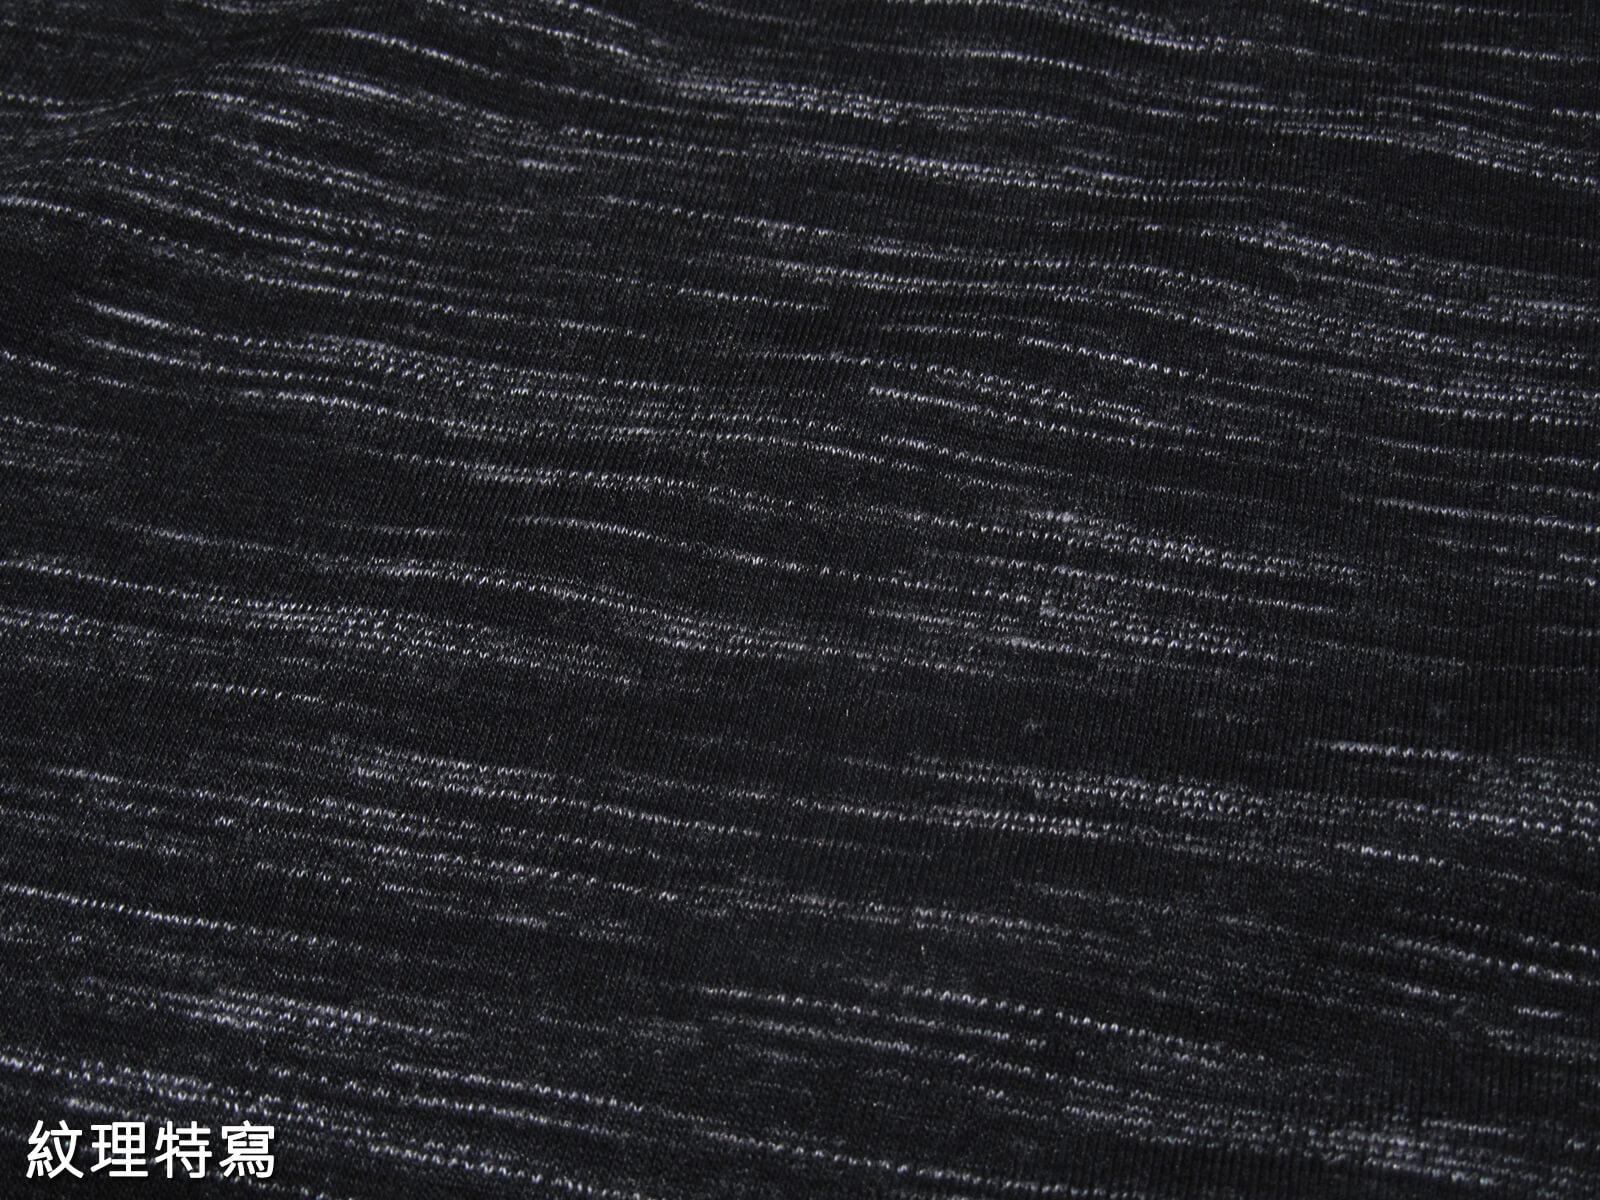 加大尺碼吸濕排汗紋理短袖T恤 台灣製彈性圓領短T 機能布料大尺寸T恤 聚酯纖維100%休閒T恤 黑色T恤 灰色T恤 彈性T恤 吸濕排汗纖維 休閒百搭短T-shirt 潮流短Tee (310-0328-21)黑色、(310-0328-22)灰色 尺寸3L 5L(胸圍:50~54英吋) [實體店面保障] sun-e 5